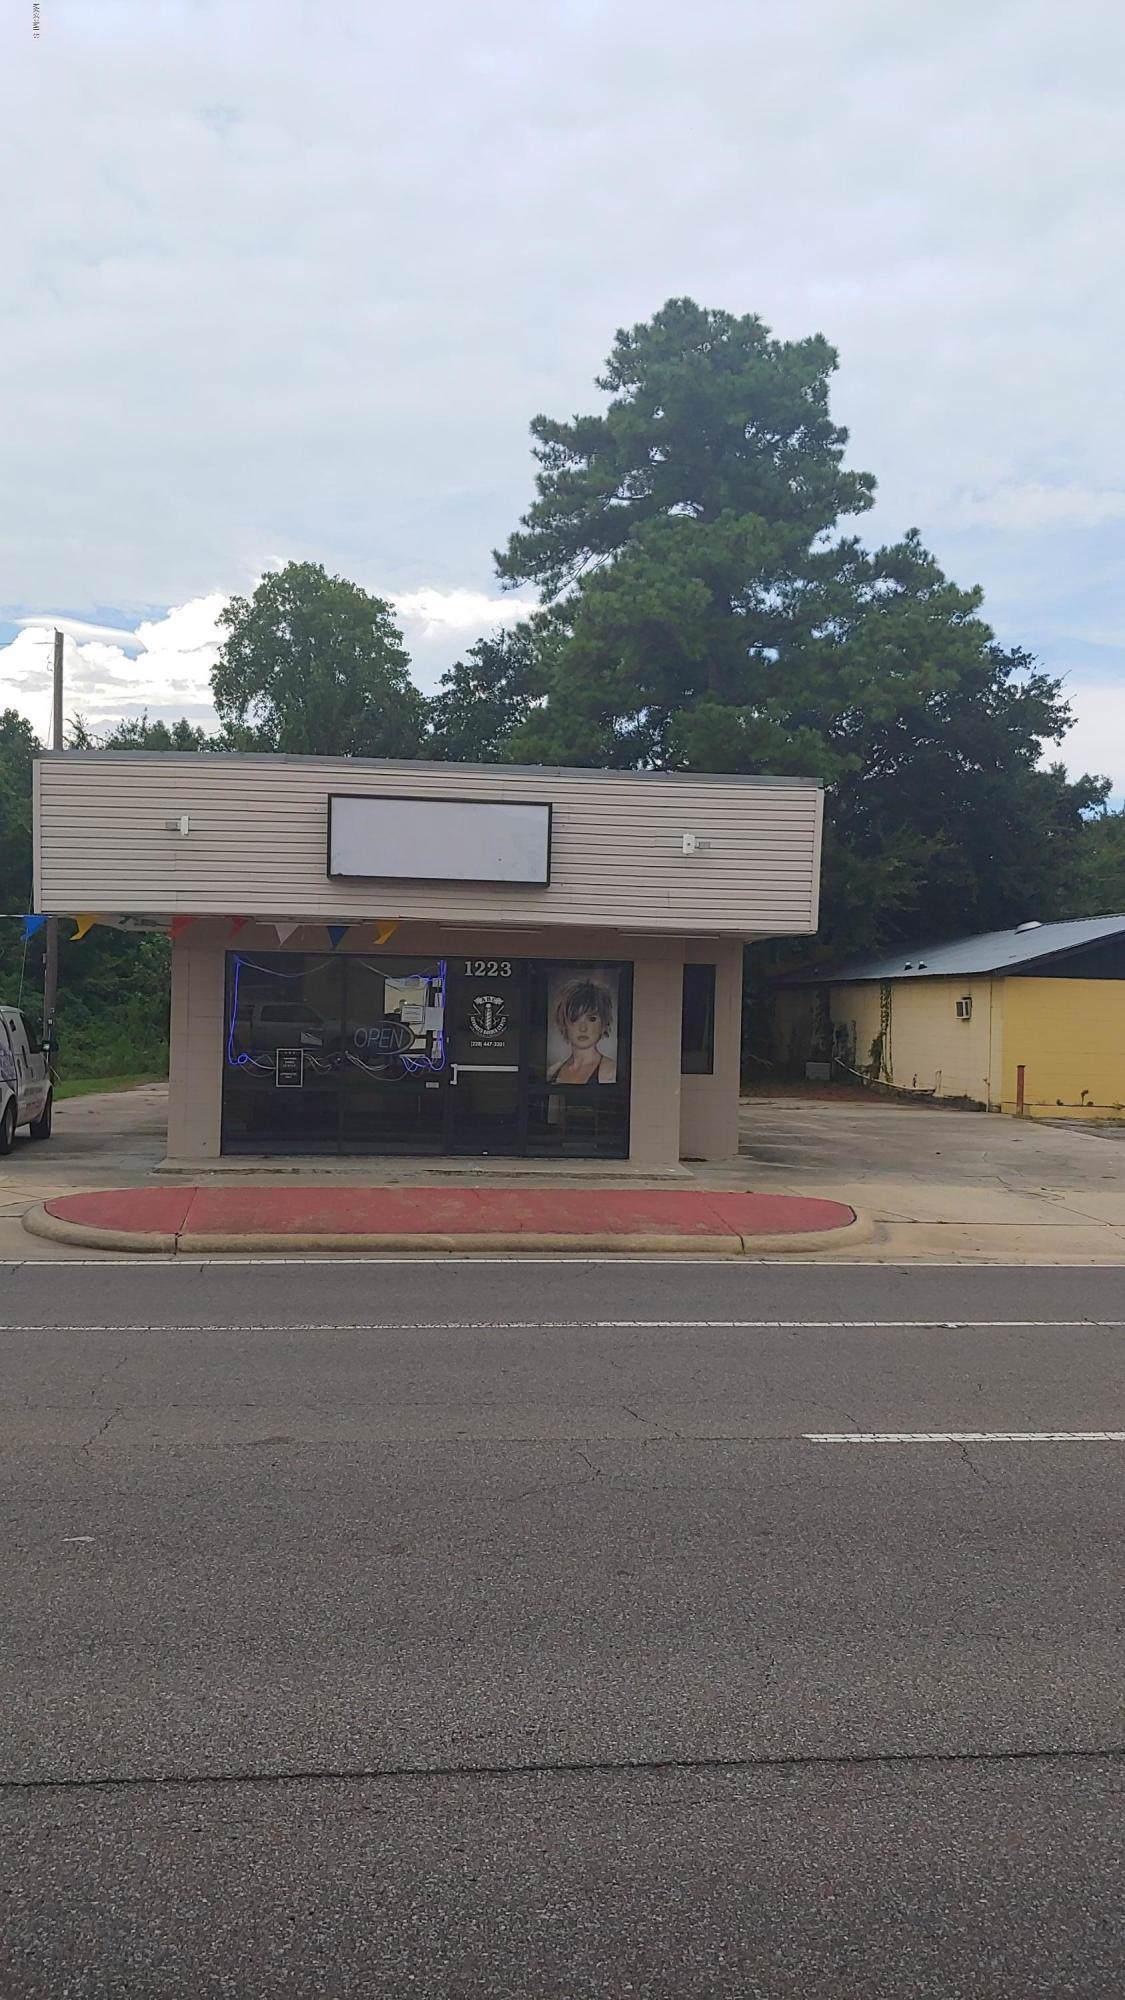 1223 Bienville Blvd - Photo 1